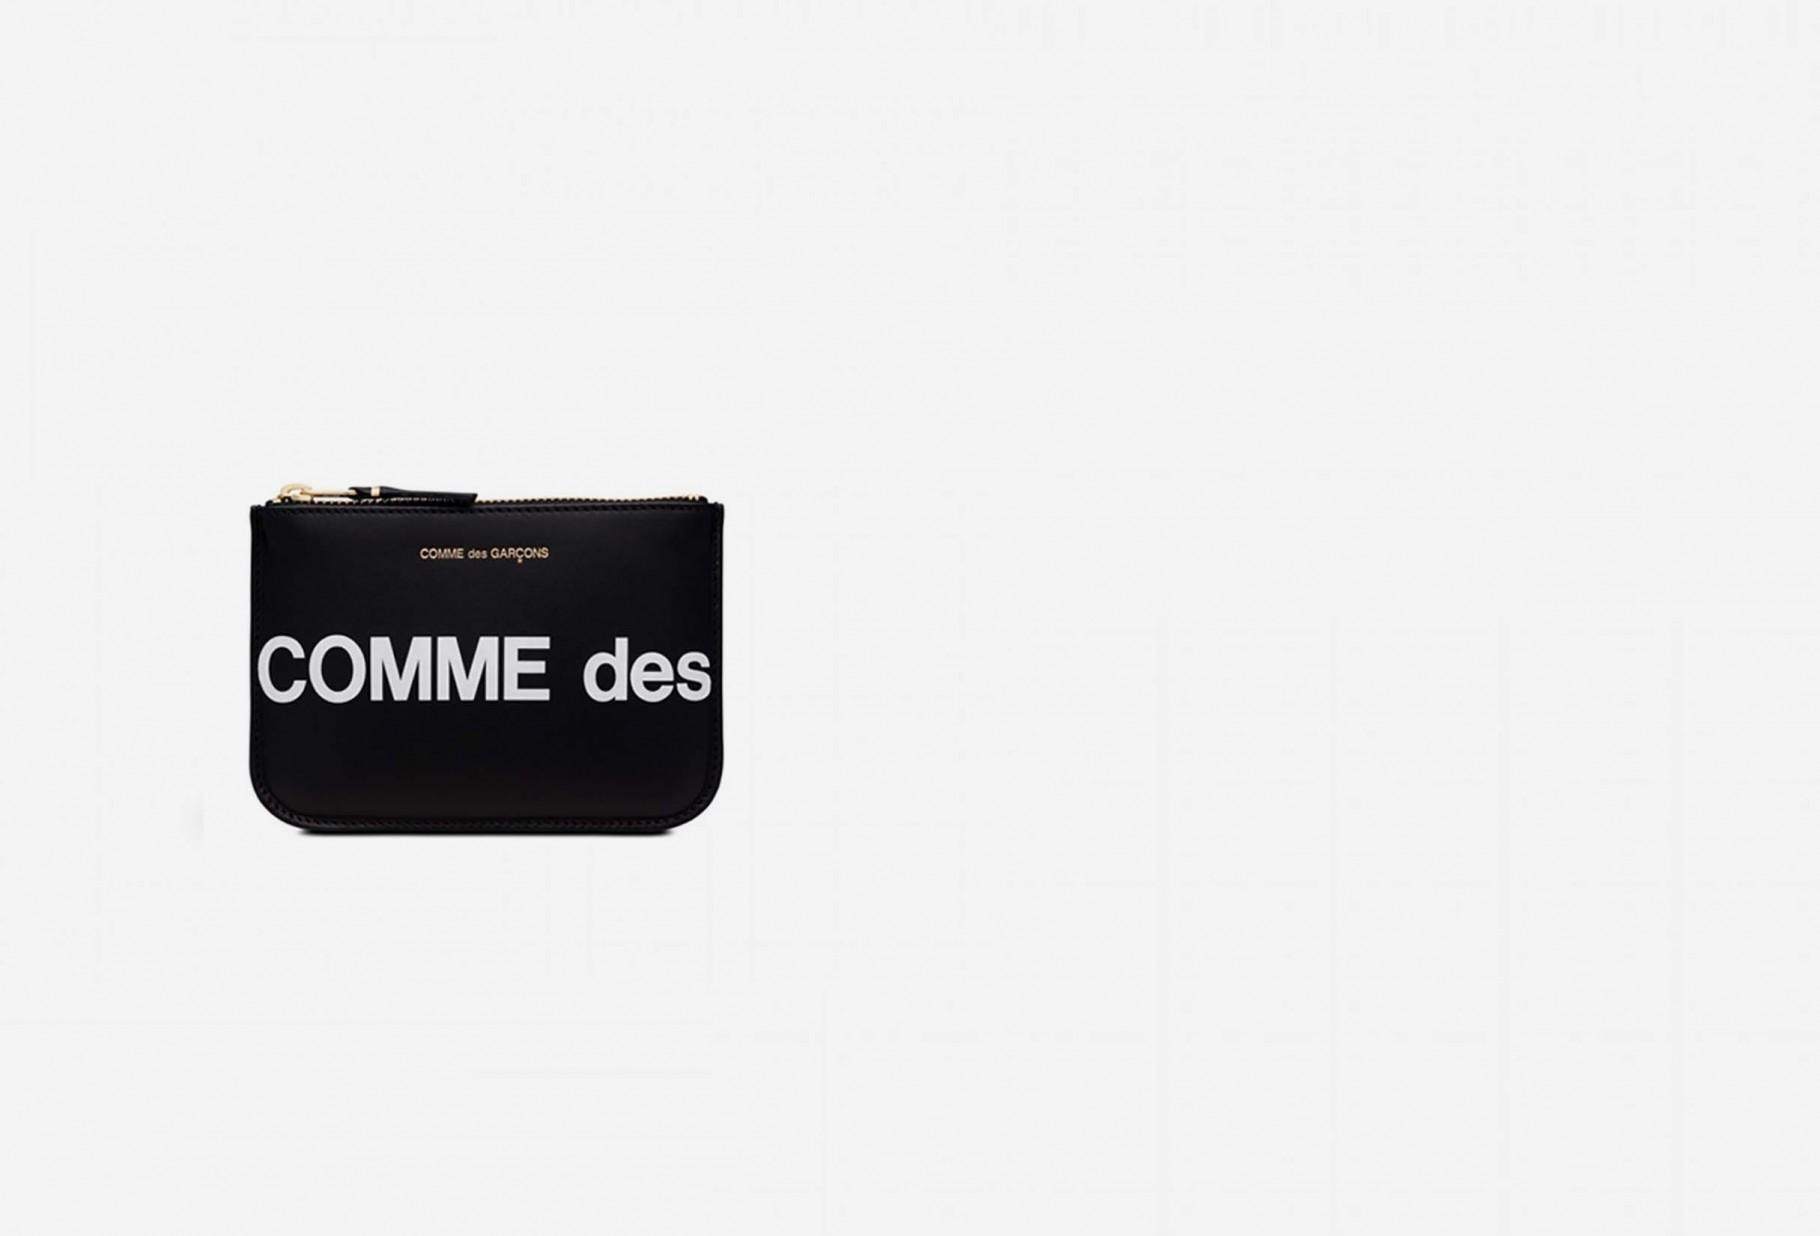 COMME DES GARÇONS WALLETS / Cdg huge logo wallet sa8100hl Black